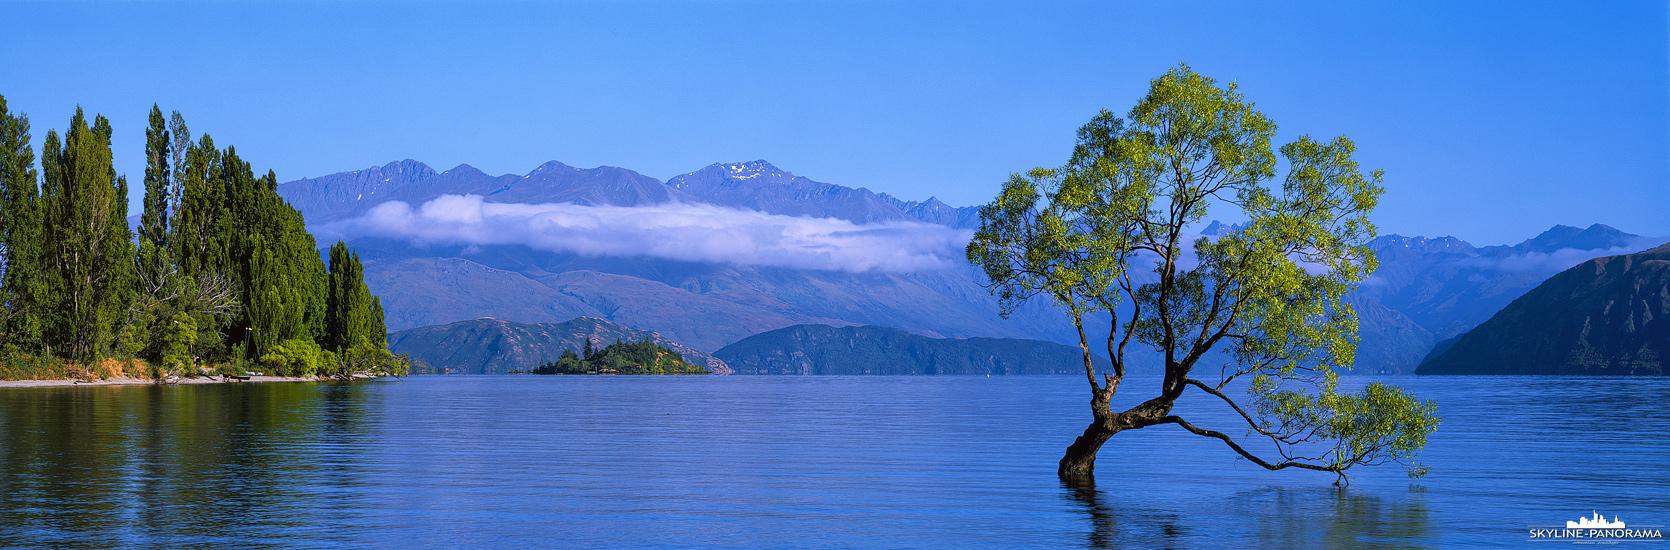 Neuseeland in 6x17 - Ein weiteres Panorama von einem wunderbaren Sommermorgen am Lake Wanaka auf der Südinsel von Neuseeland. Die idyllische Kulisse mit den Neuseeländischen Alpen im Hintergrund und dem malerischen Baum im See machen diesen Ort unvergessen.